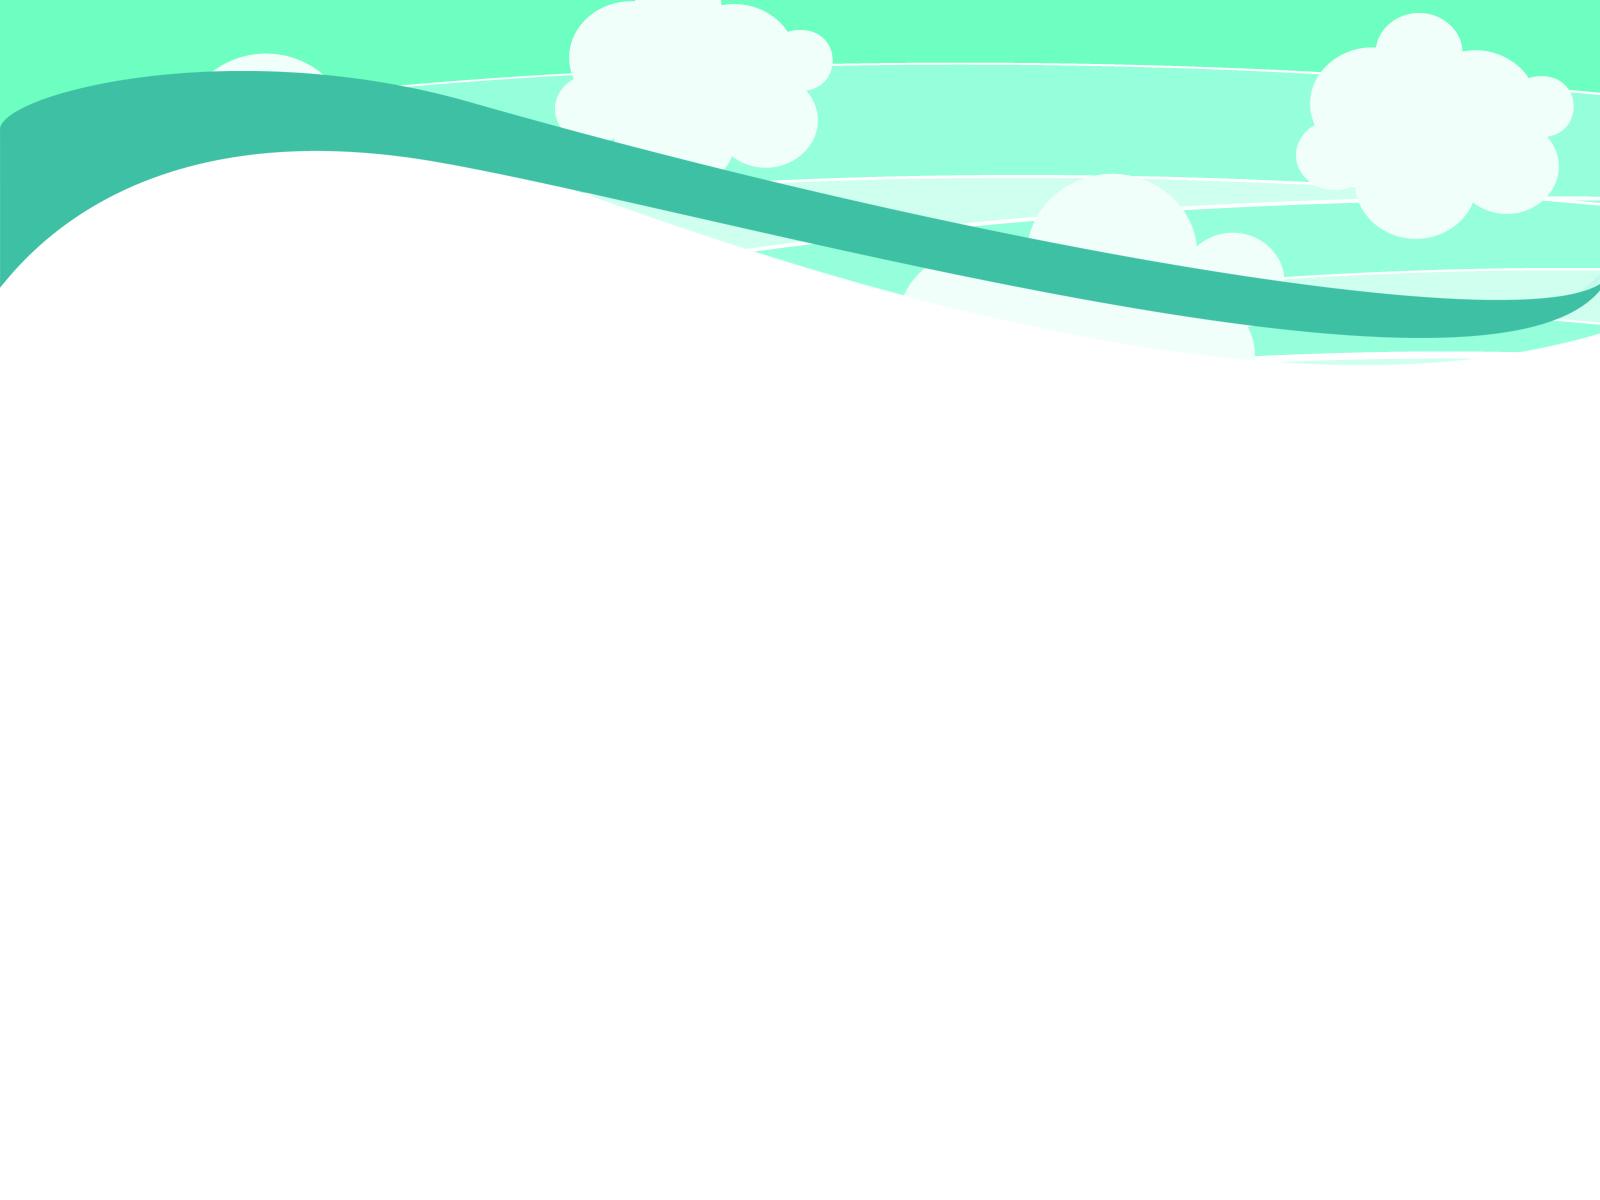 Hình nền Powerpoint mây trời sáng đẹp 1